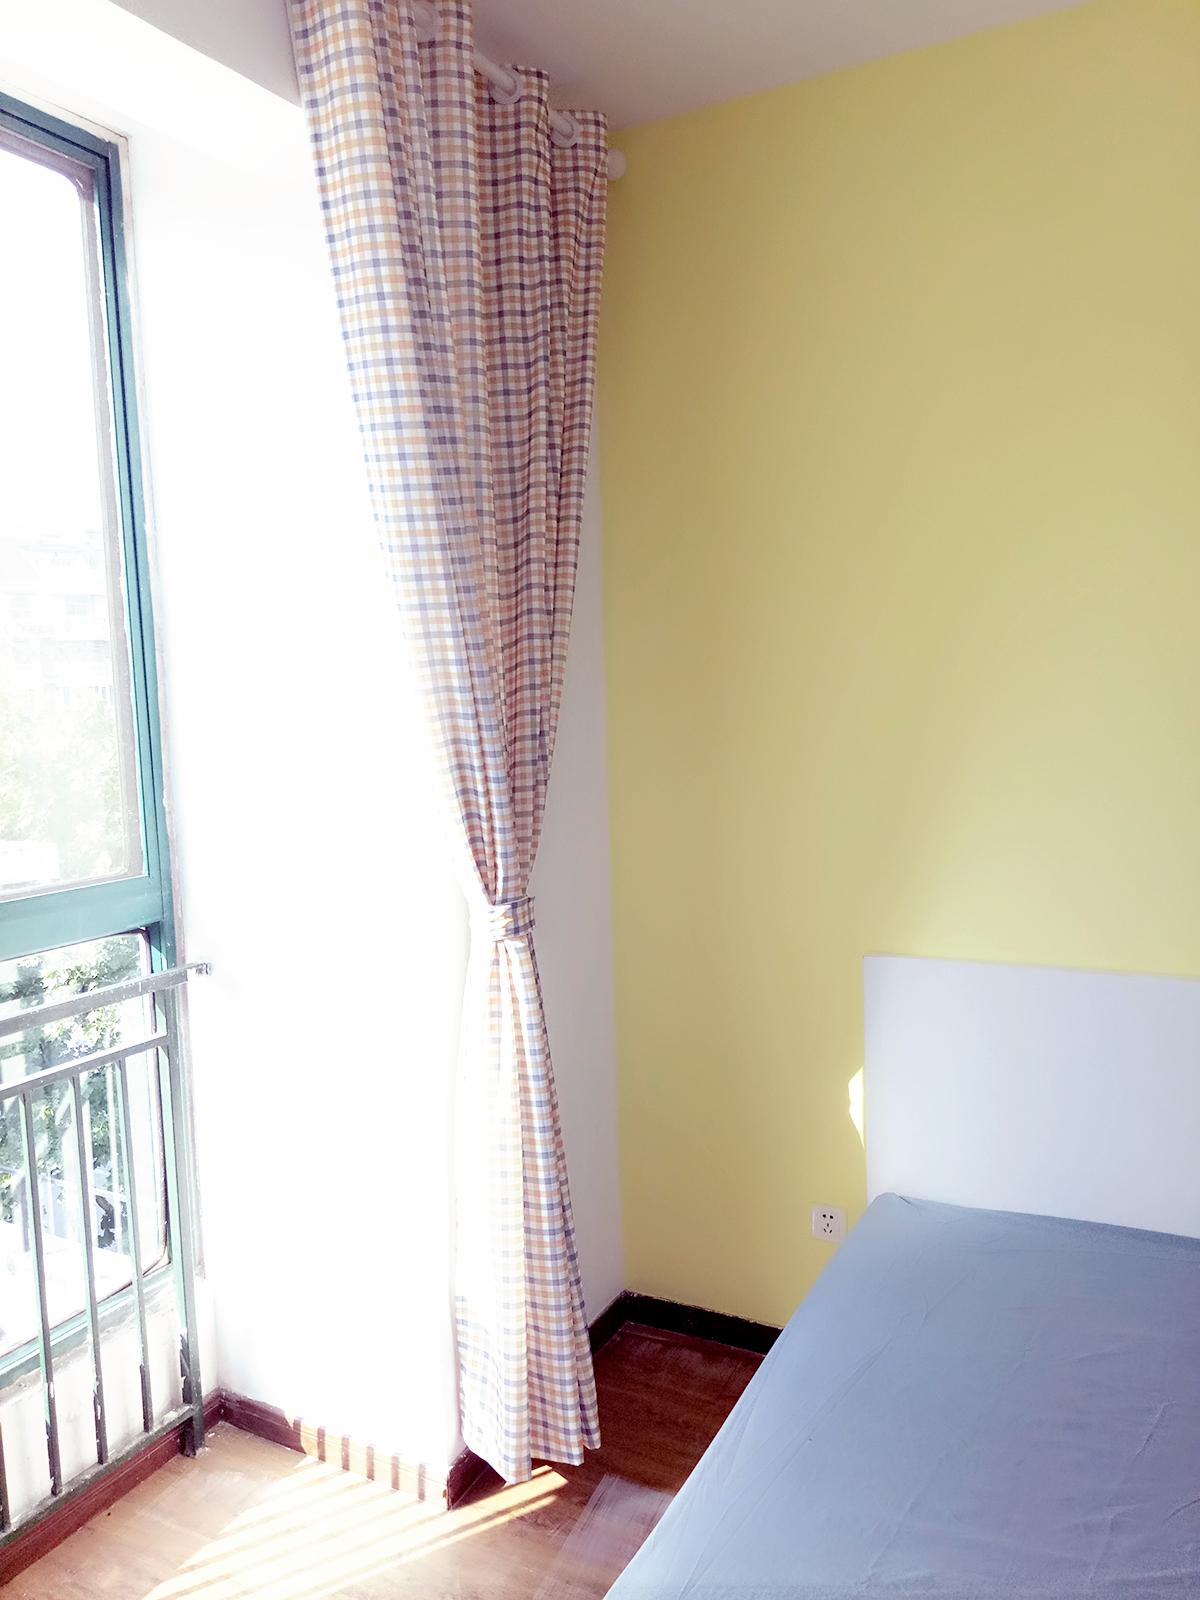 【合租】缤纷南国沐风居4室1厅RoomC